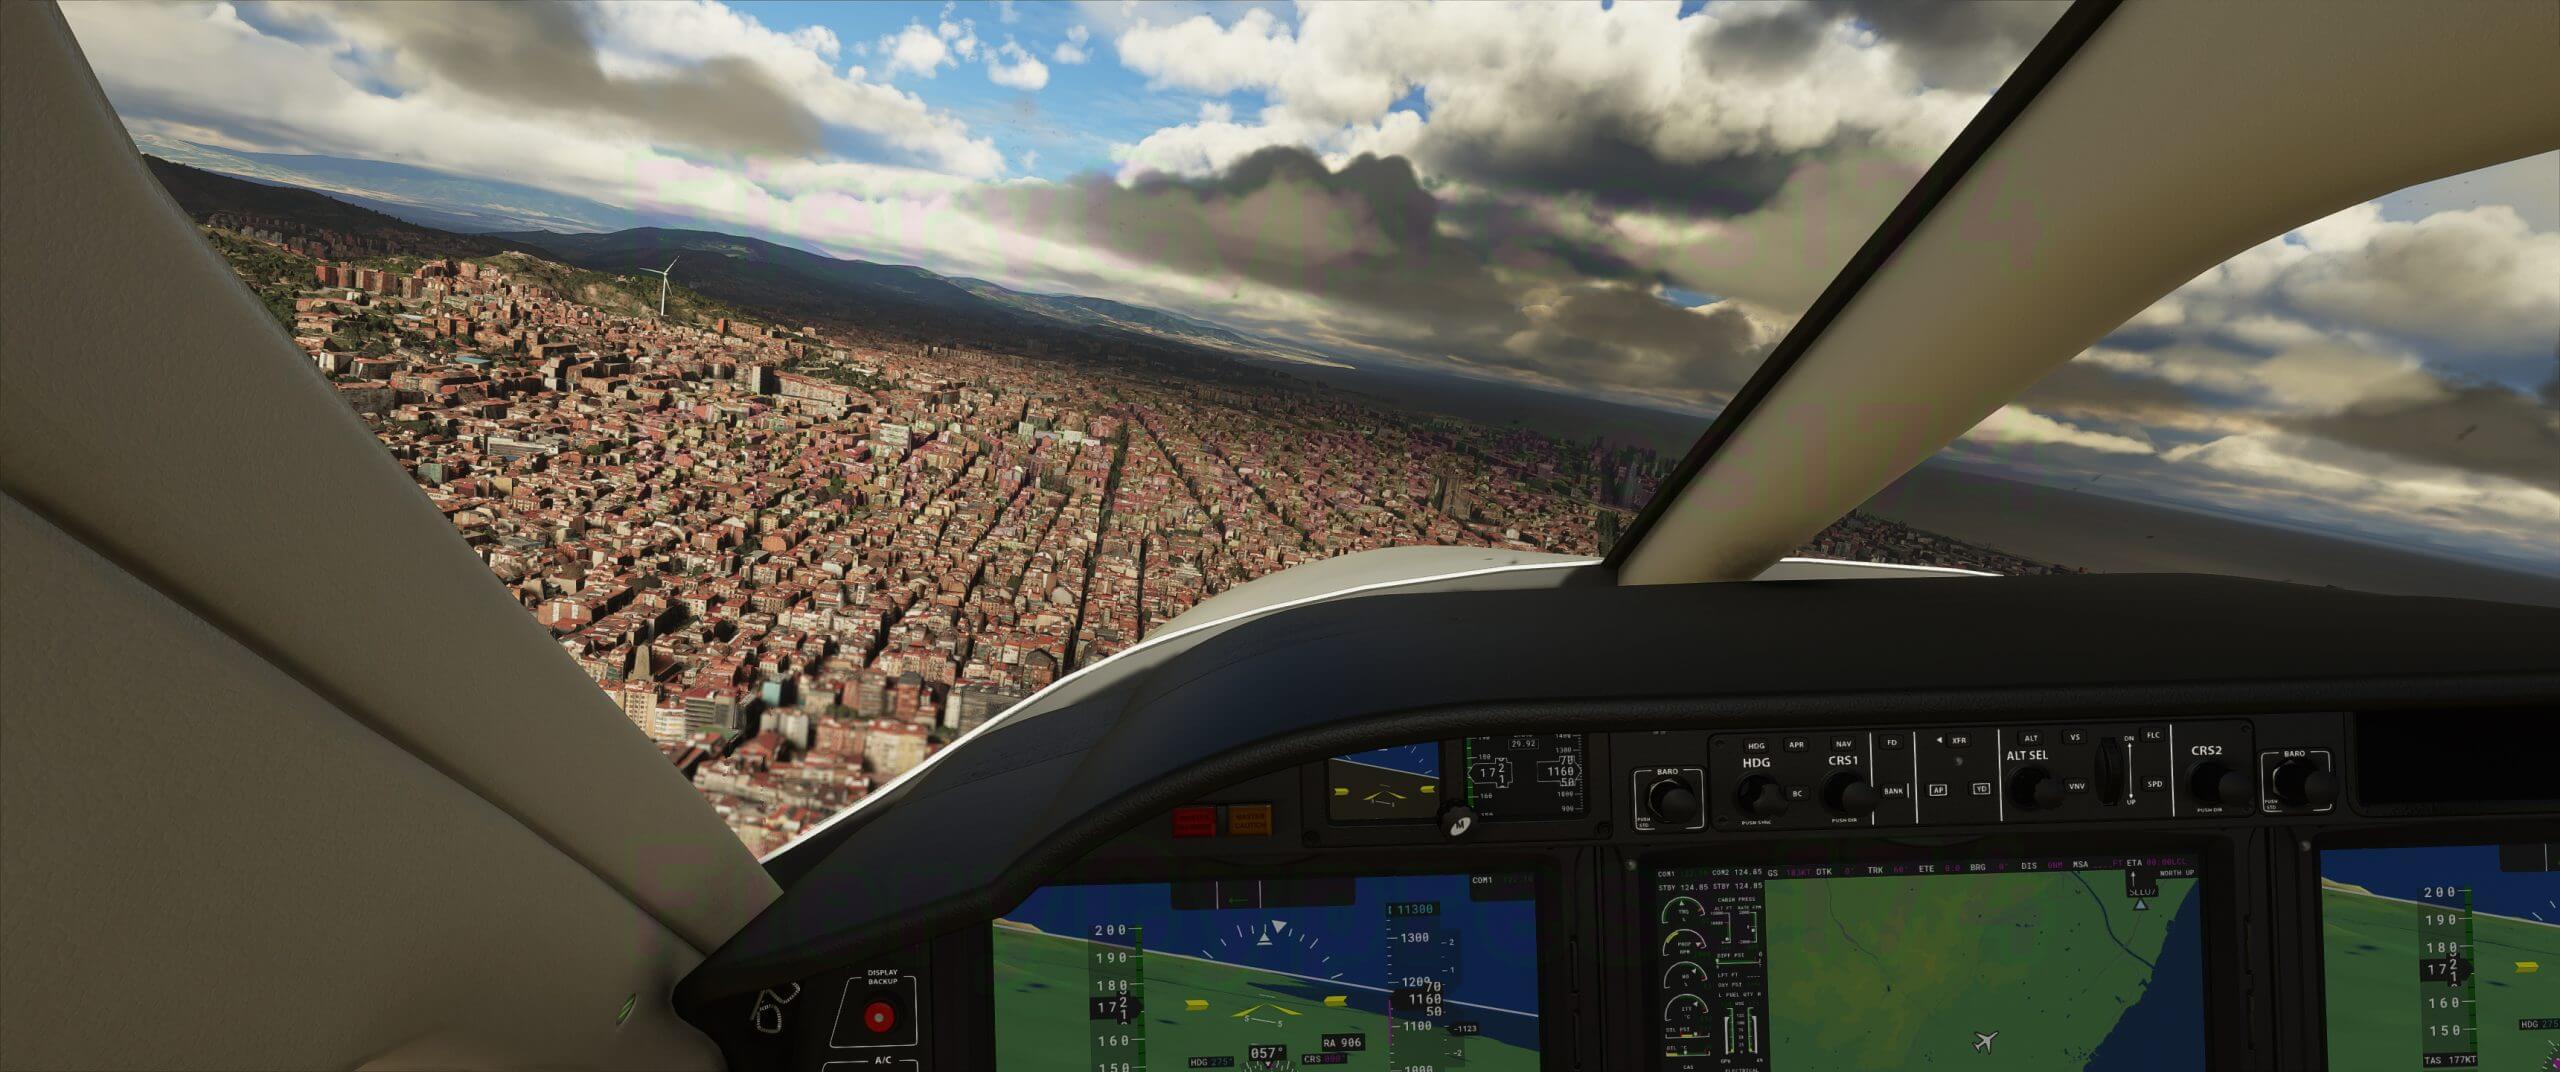 《微软飞行模拟》新截图 居家隔离拦不住放飞的